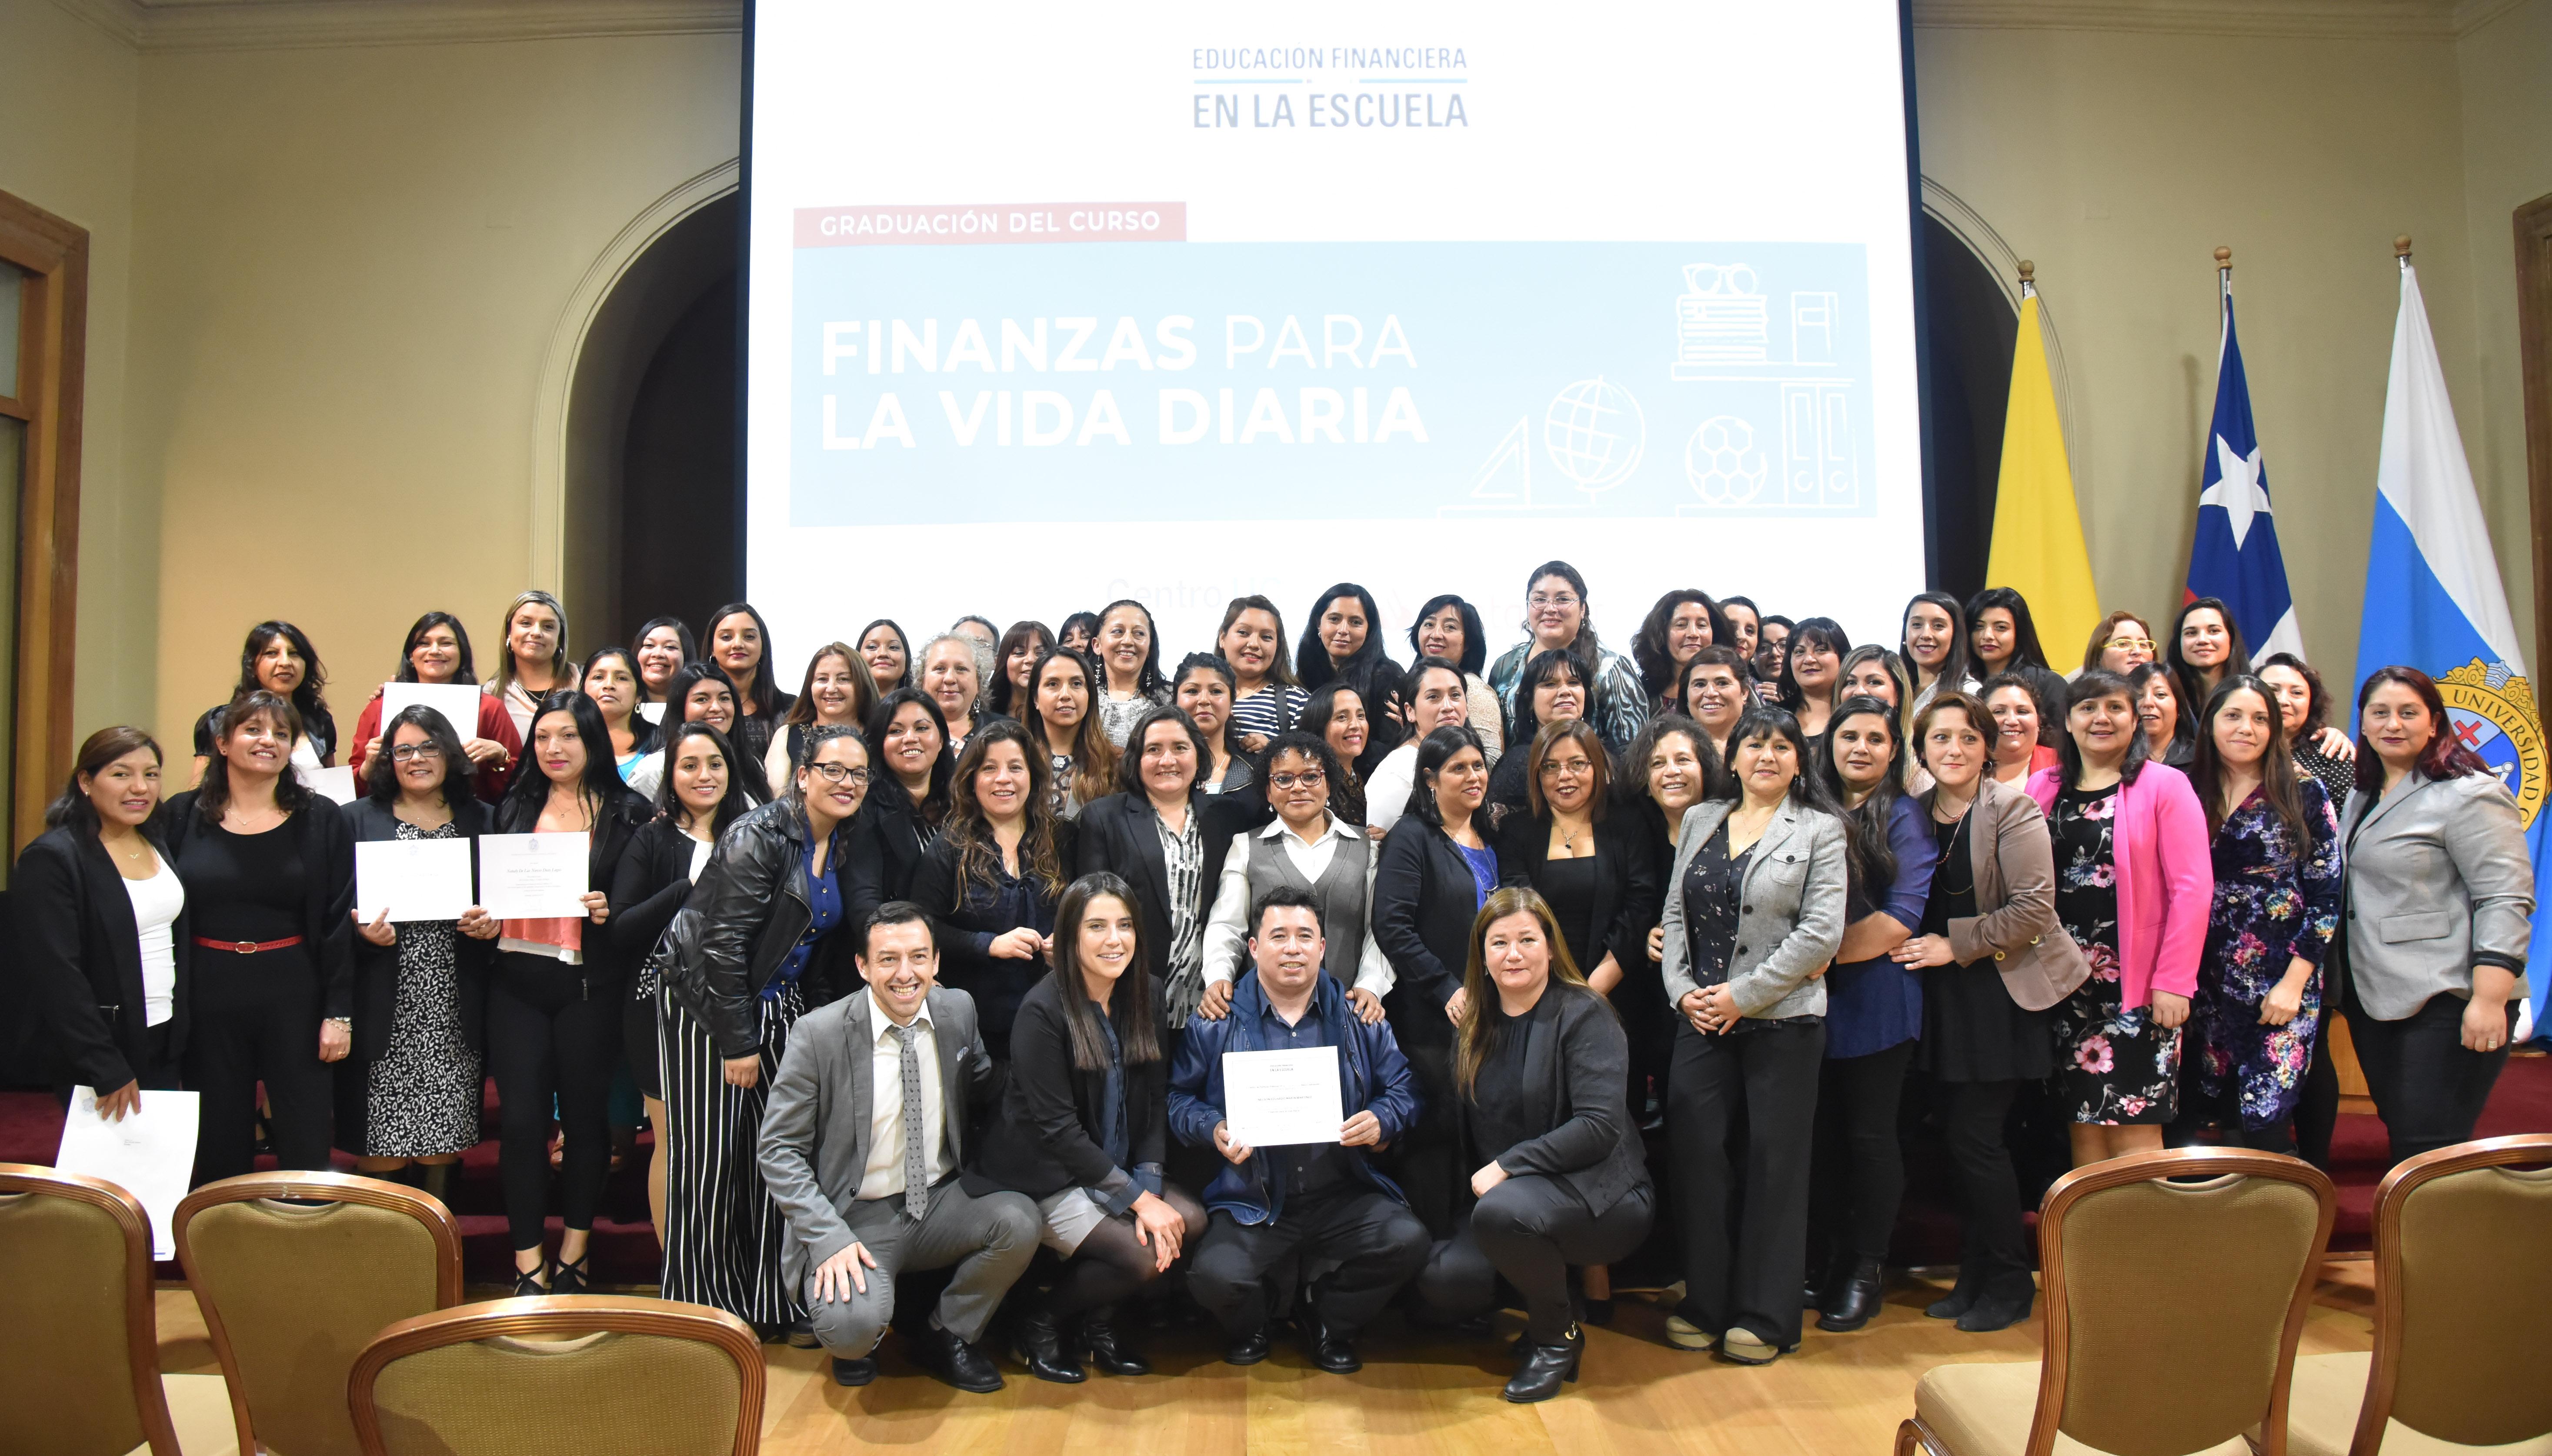 Apoderados adquieren conocimientos financieros gracias a proyecto entre nuestro Centro y Banco Santander